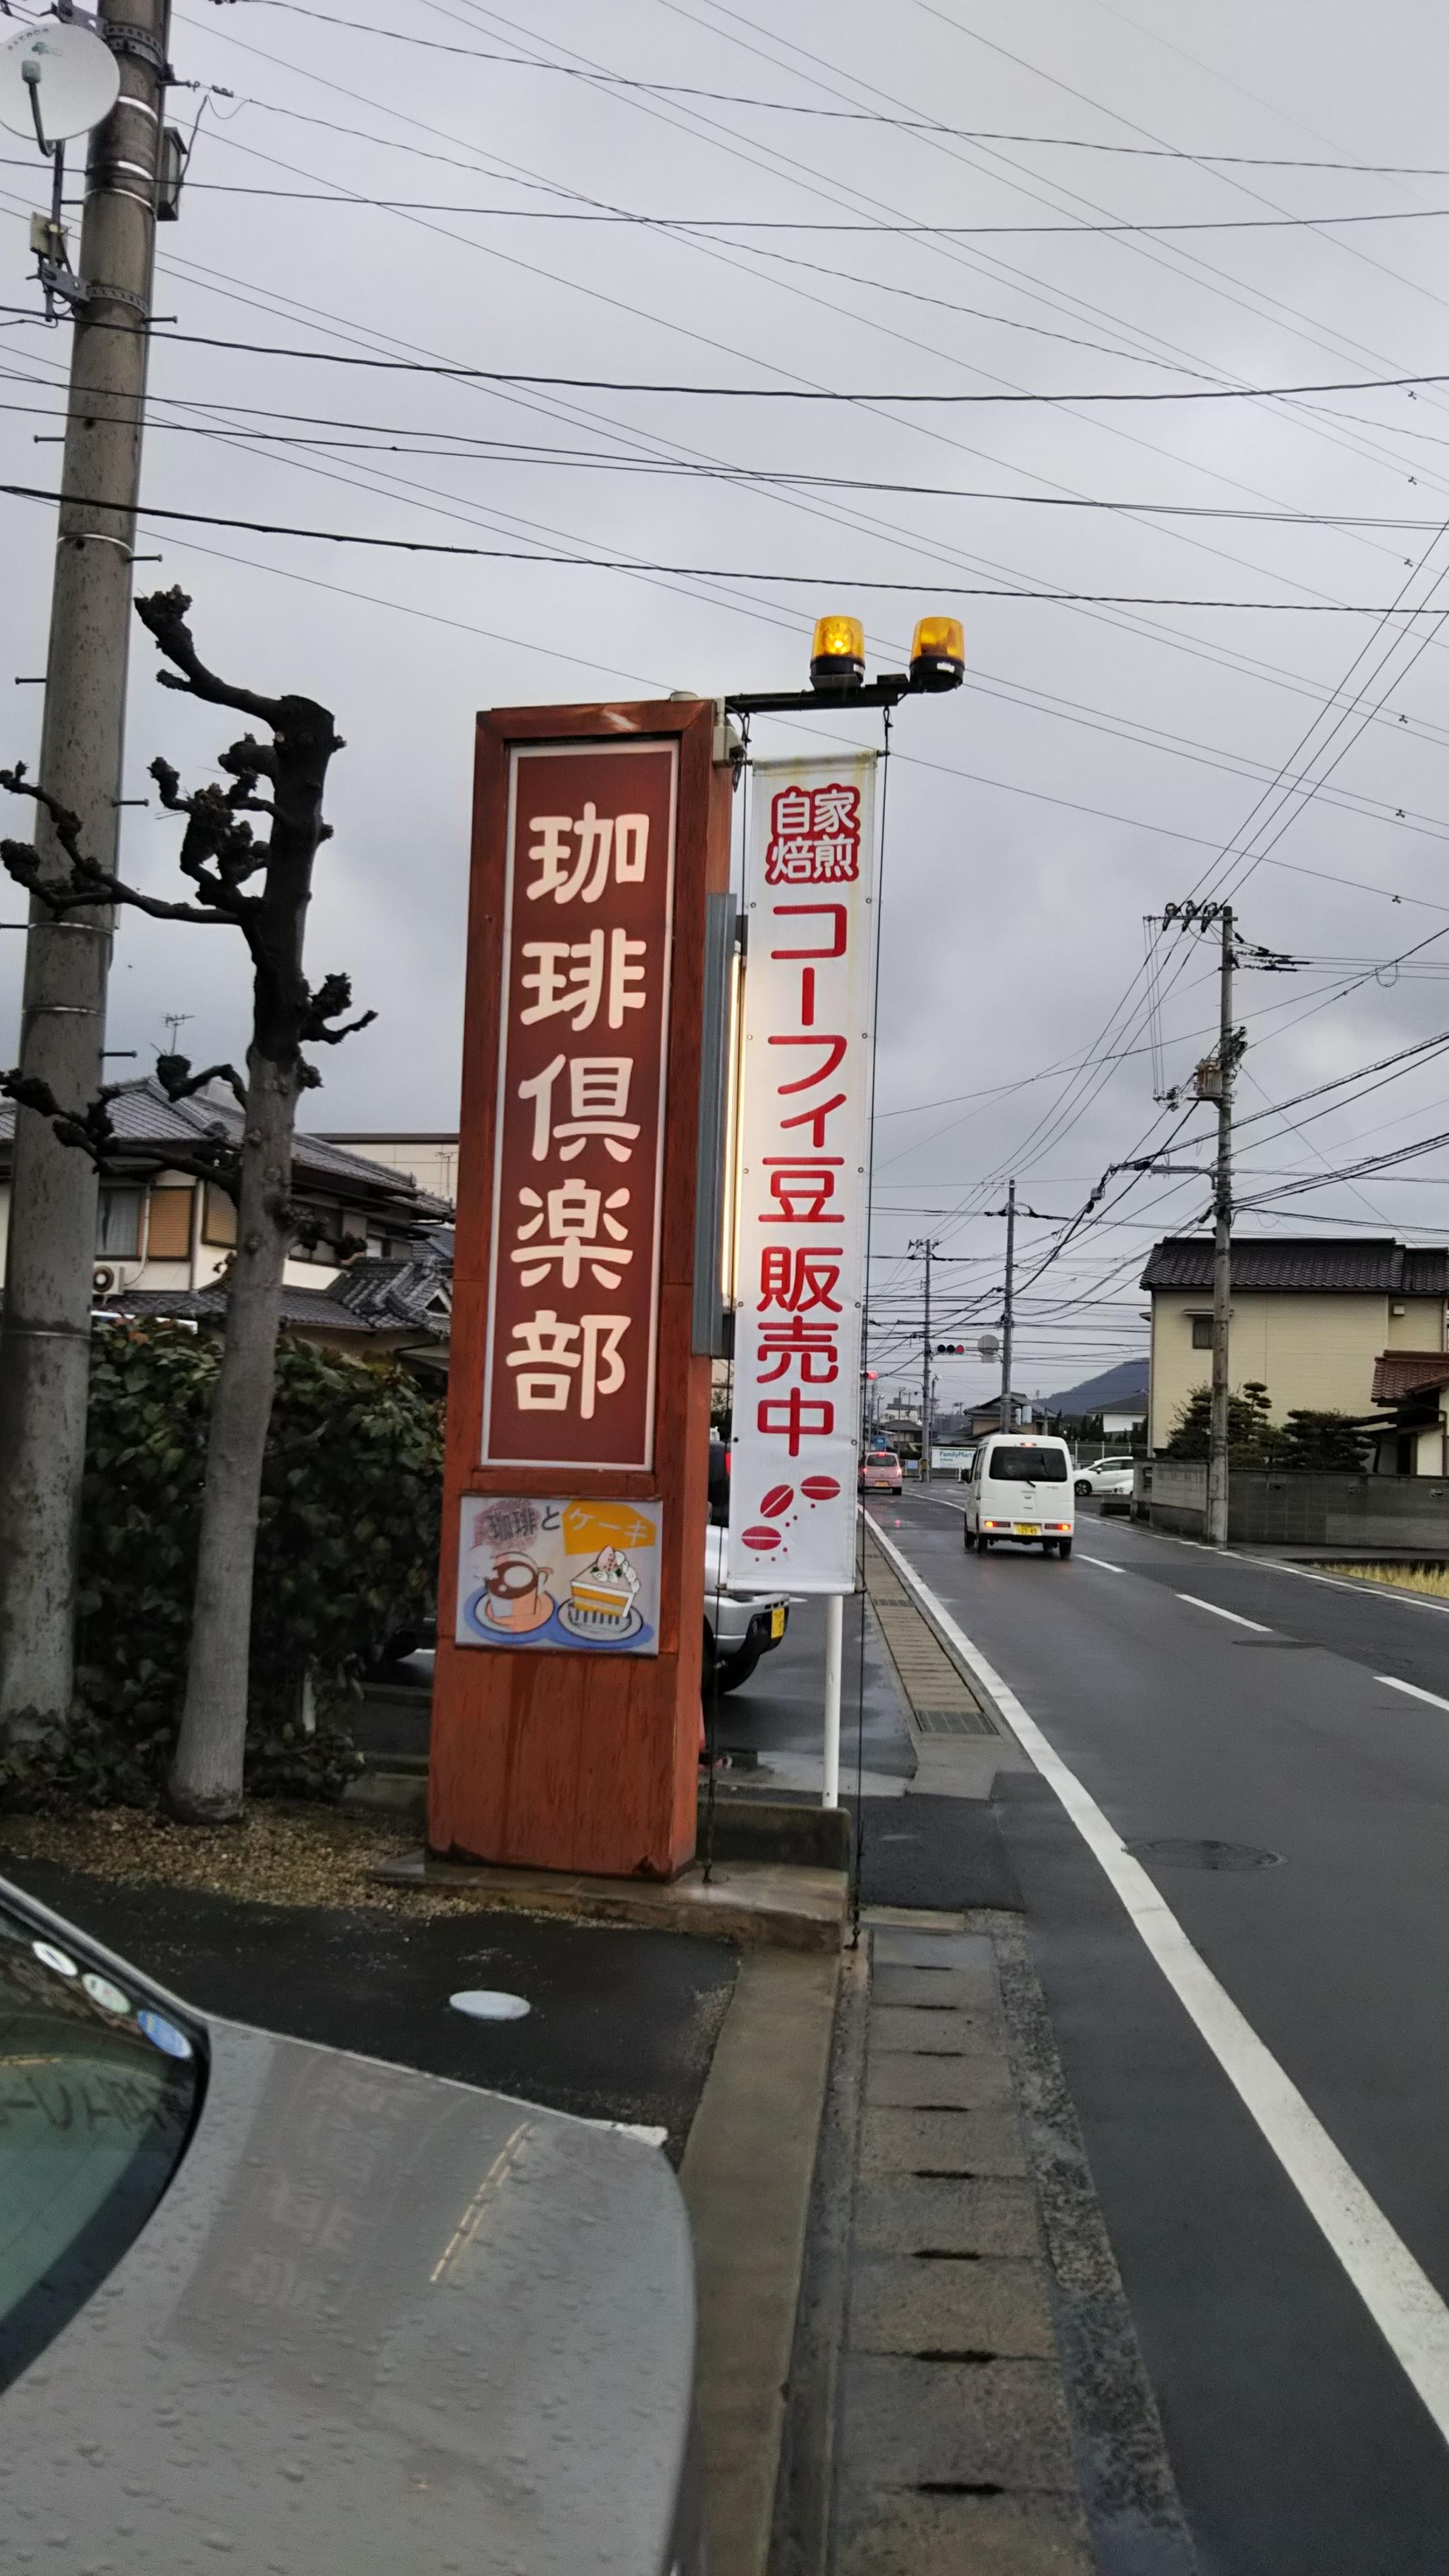 丸亀市の美味しいコーヒーのお店珈琲倶楽部